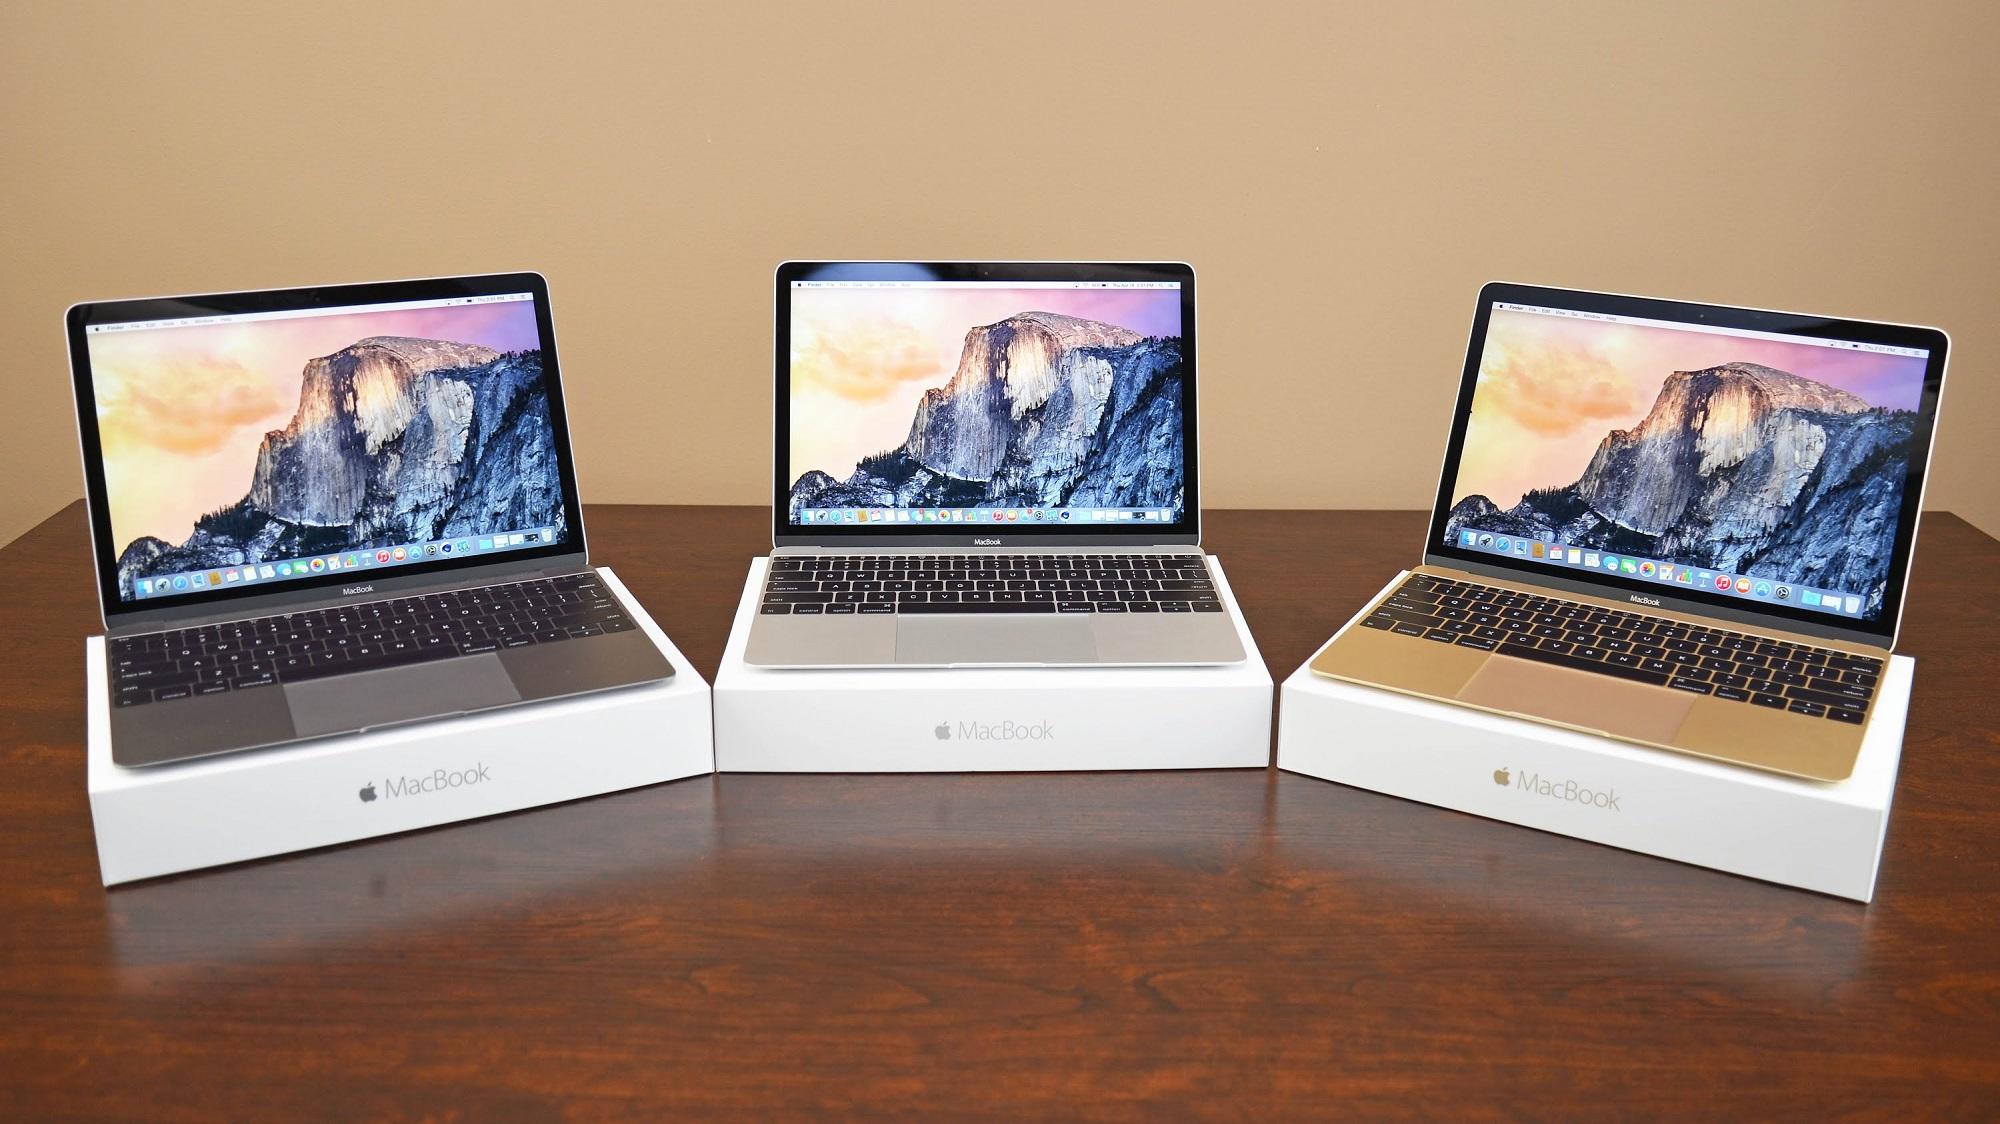 Ce Macbook ar trebui sa cumpar?